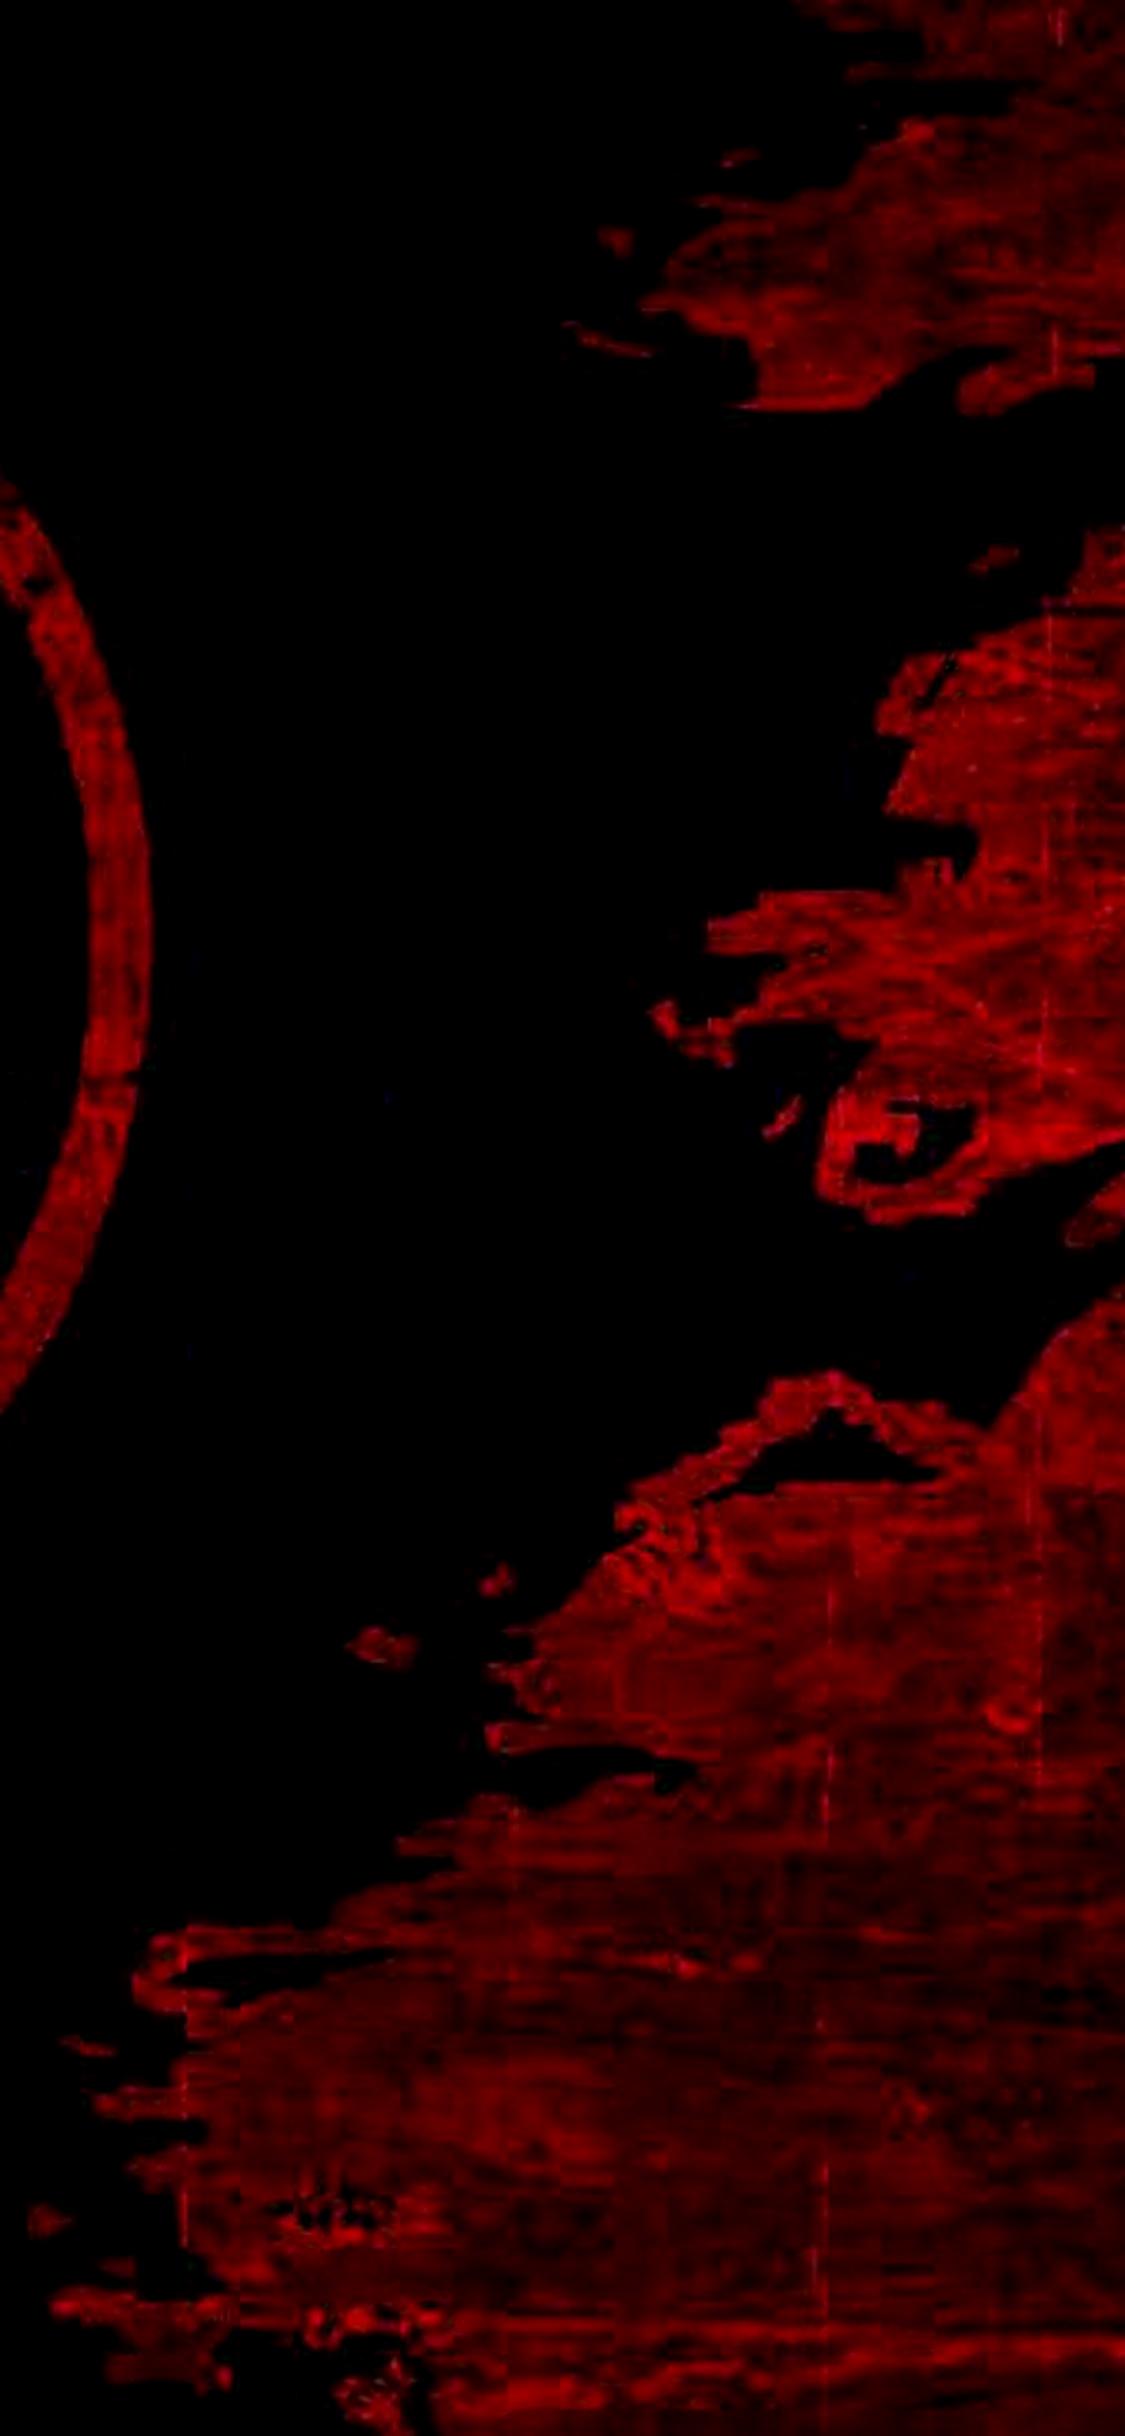 Deadpool Live Wallpaper Iphone X Wallpapersimages Org Iphone X 4k Wallpaper Deadpool 1125x2436 Wallpaper Teahub Io